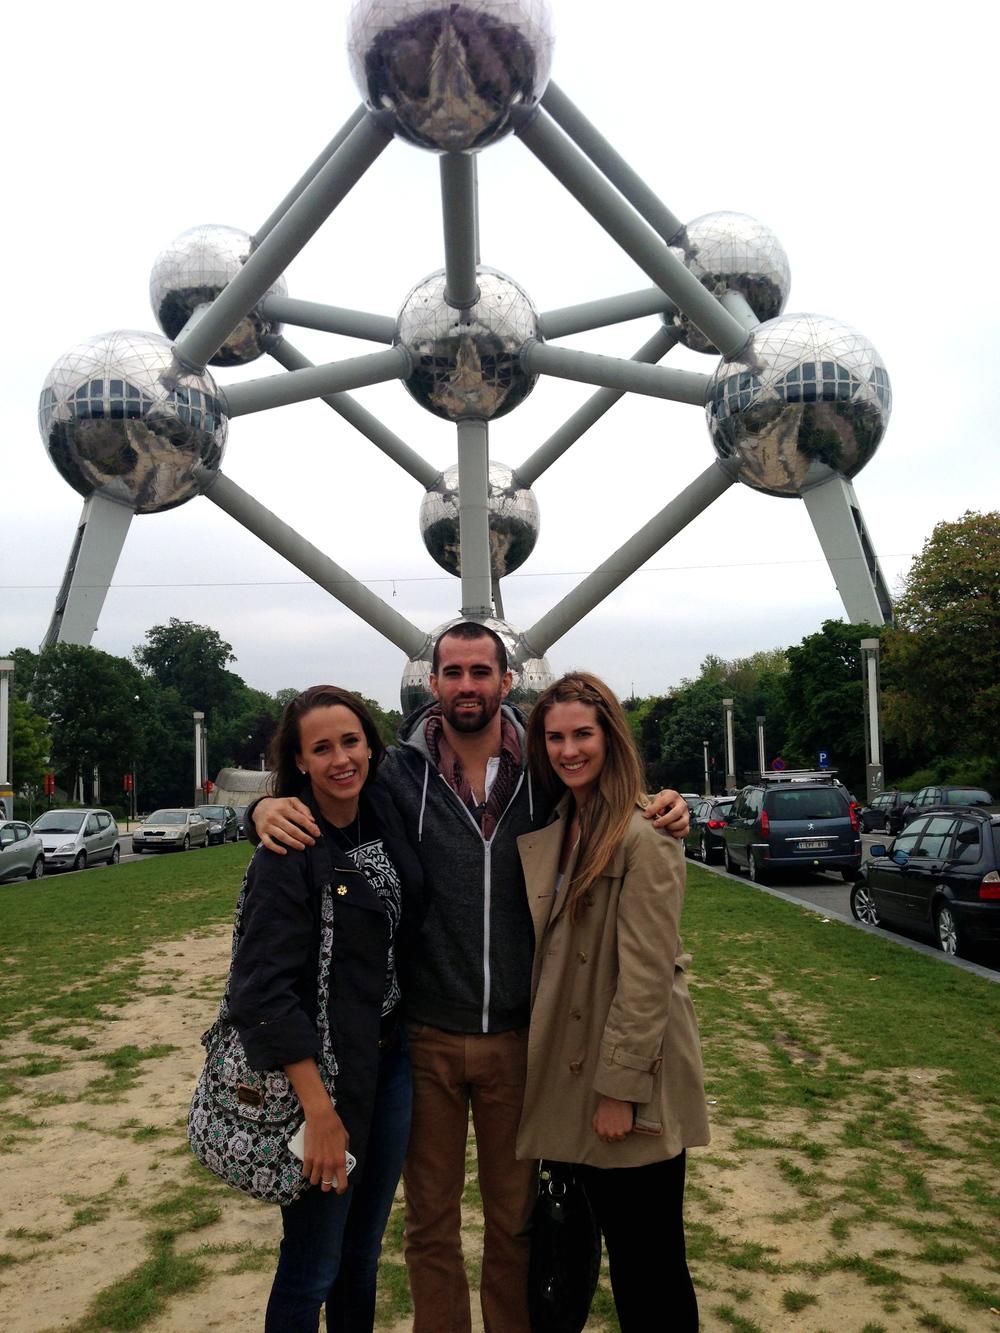 June 1, 2013 Brussels, Belgium